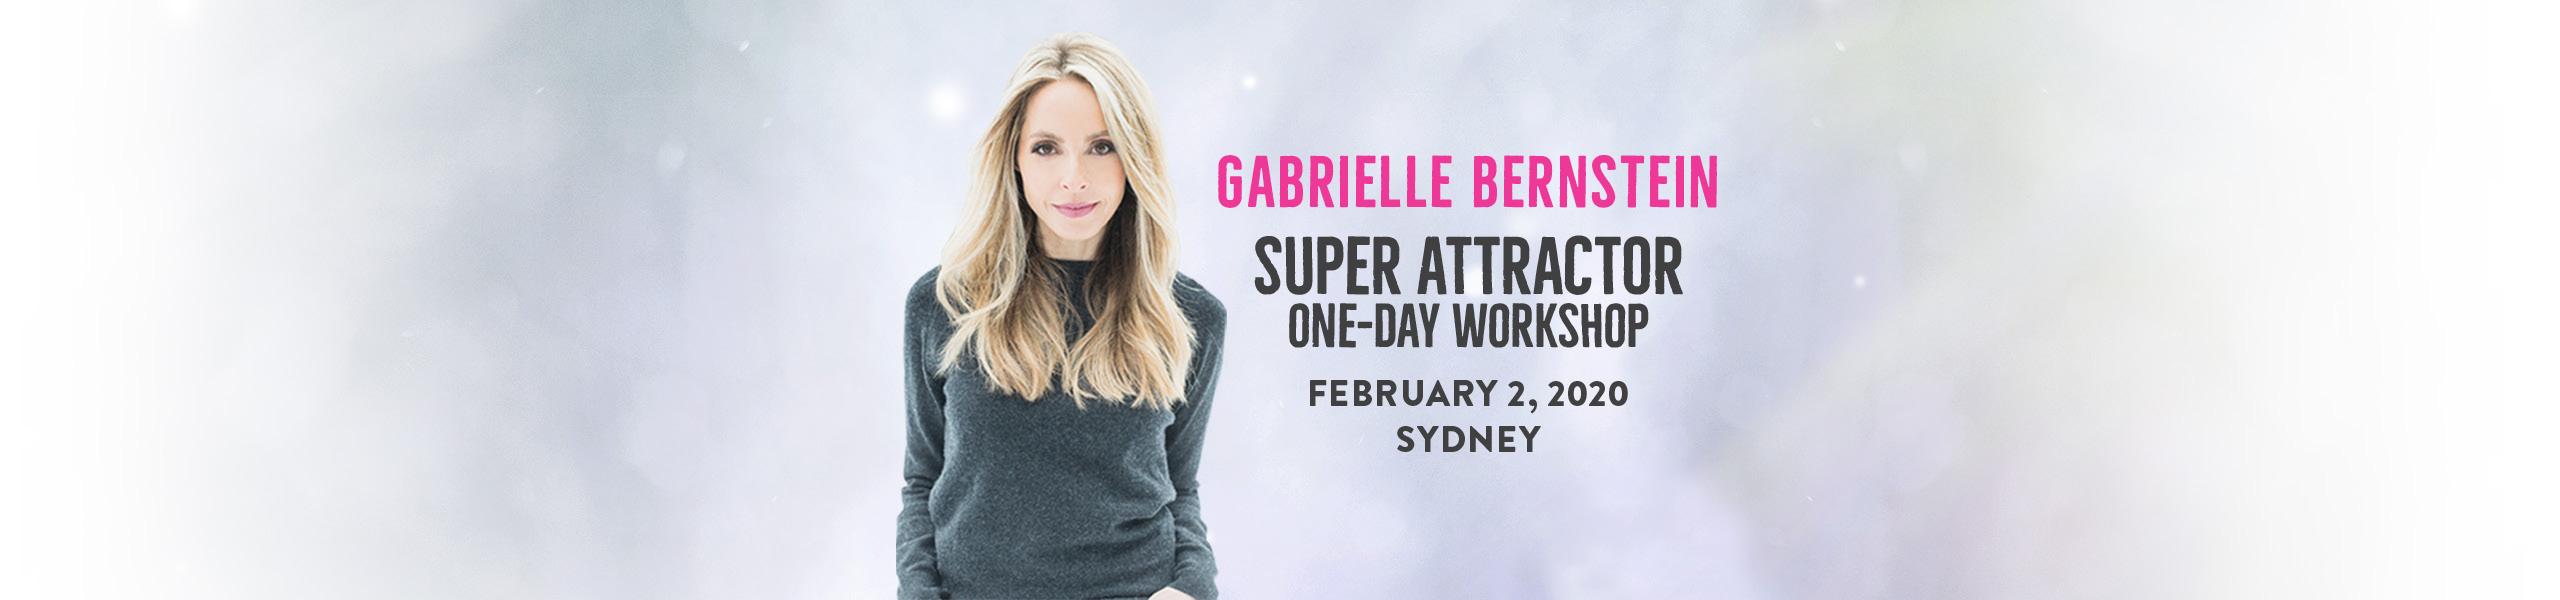 Super Attractor Sydney 2020